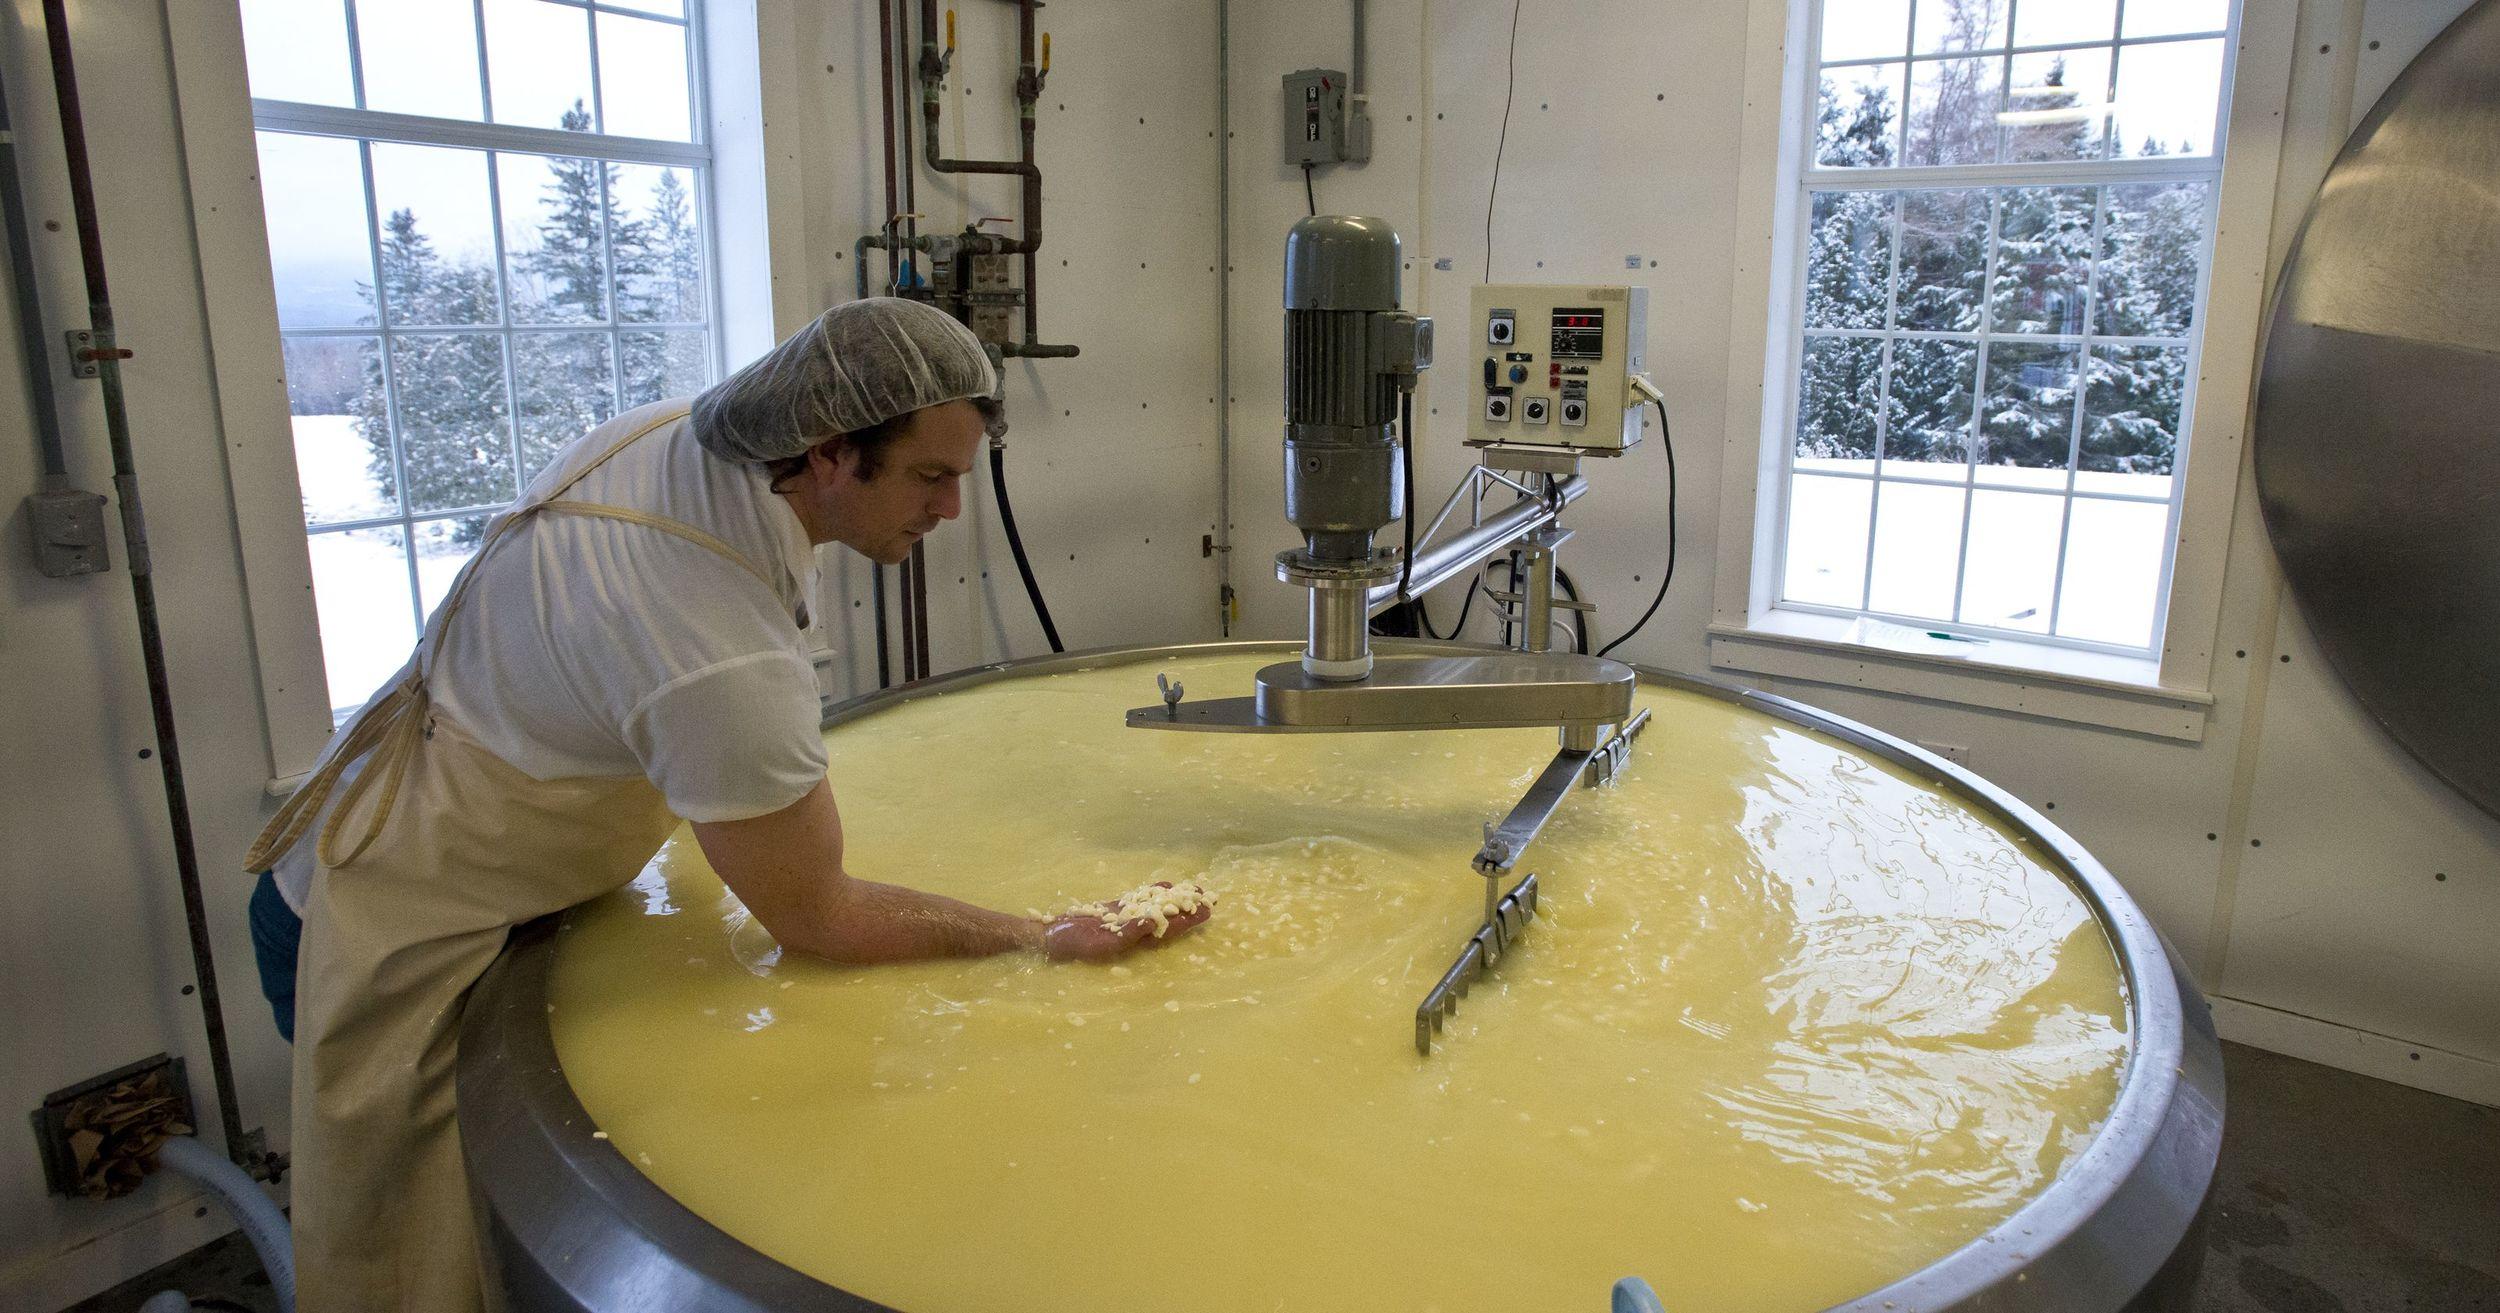 mateo making cheese.jpg